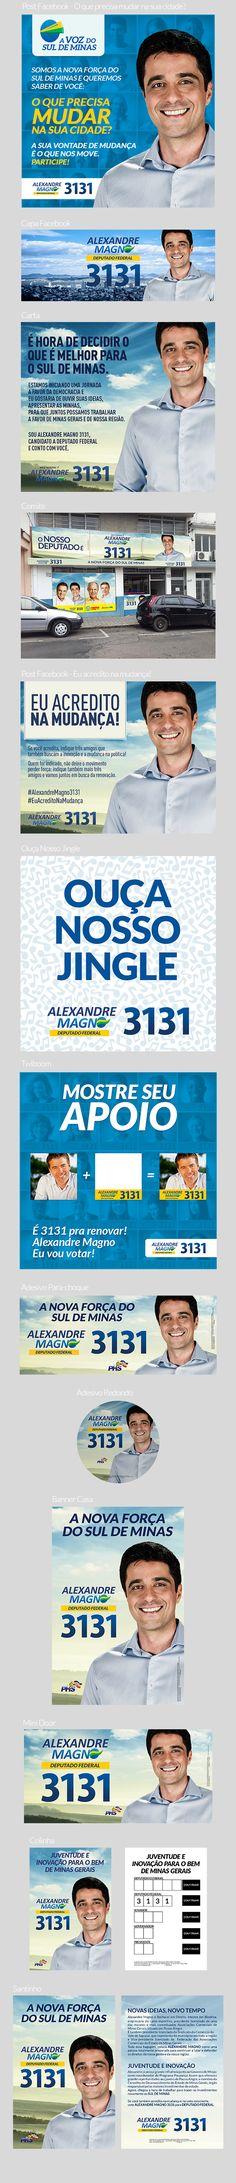 Campanha política desenvolvida para Alexandre Magno, candidato a Deputado Federal da cidade de Pouso Alegre.Eleições 2014